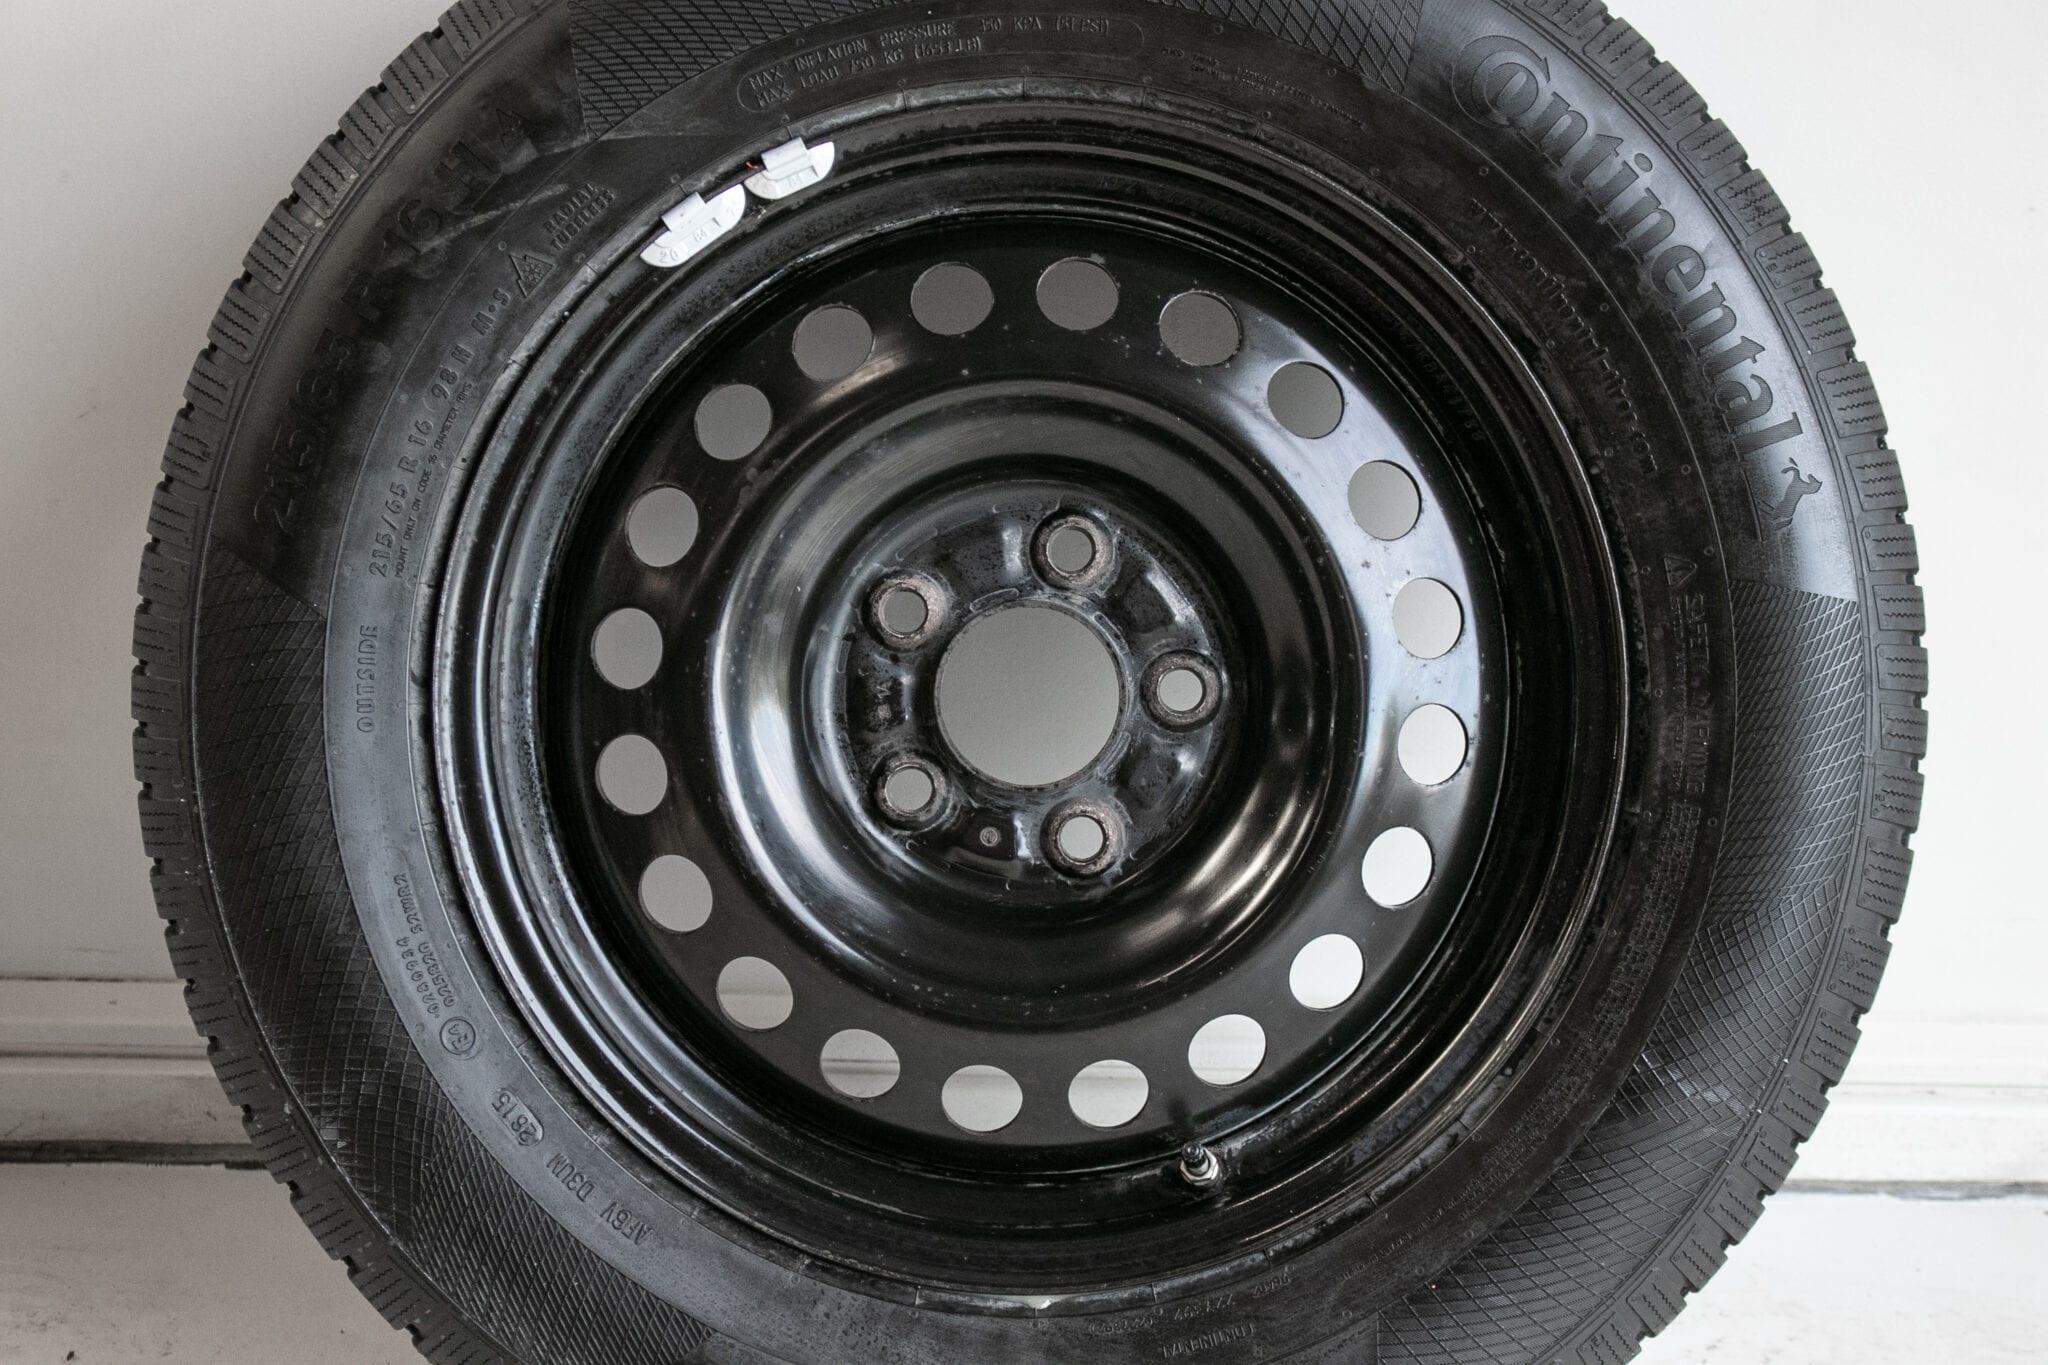 """16"""" Winterwielen voor o.a. een Mitsubishi ASX, Outlander of Eclipse Cross met bandenspanningssensoren. €249,- Gebruikt. Profieldiepte: 5.5mm - 5.8mm"""